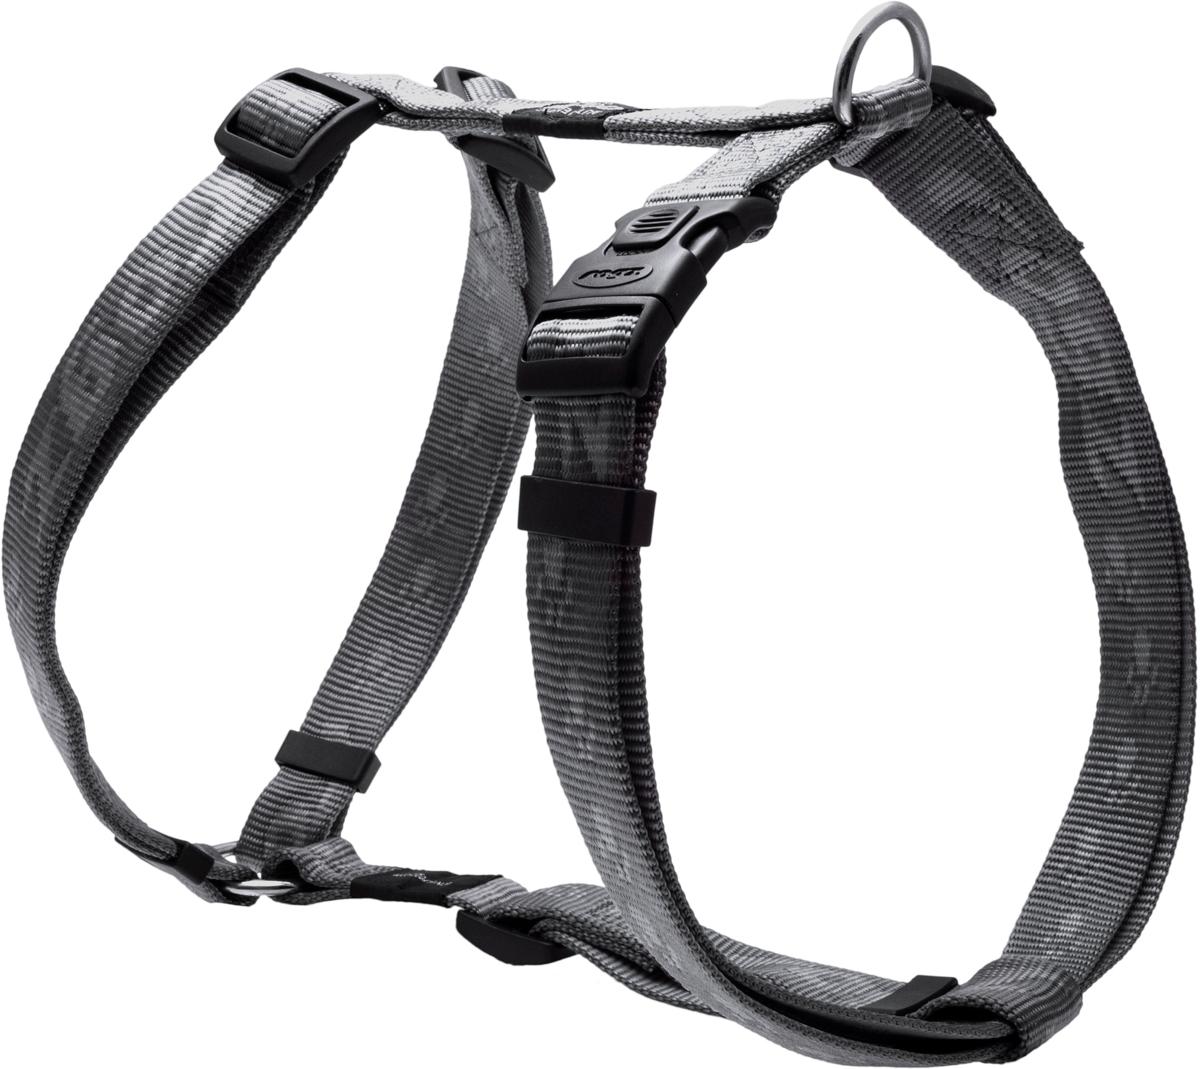 Шлейка для собак Rogz Alpinist, цвет: серый, ширина 2,5 см. Размер XL0120710Особо мягкая, но очень прочная лента обеспечит безопасность на прогулке даже самым активным собакам.Все соединения деталей имеют специальную дополнительную строчку для большей прочности.Специальная конструкция пряжки Rog Loc - очень крепкая (система Fort Knox). Замок может быть расстегнут только рукой человека.Технология распределения нагрузки позволяет снизить нагрузку на пряжки, изготовленные из титанового пластика, с помощью правильного и разумного расположения грузовых колец, благодаря чему, даже при самых сильных рывках, изделие не рвется и не деформируется.Выполненные специально по заказу ROGZ литые кольца гальванически хромированы, что позволяет избежать коррозии и потускнения изделия. Полотно: нейлоновая тесьма. Пряжки: ацетиловый пластик. Кольца: цинковое литье.